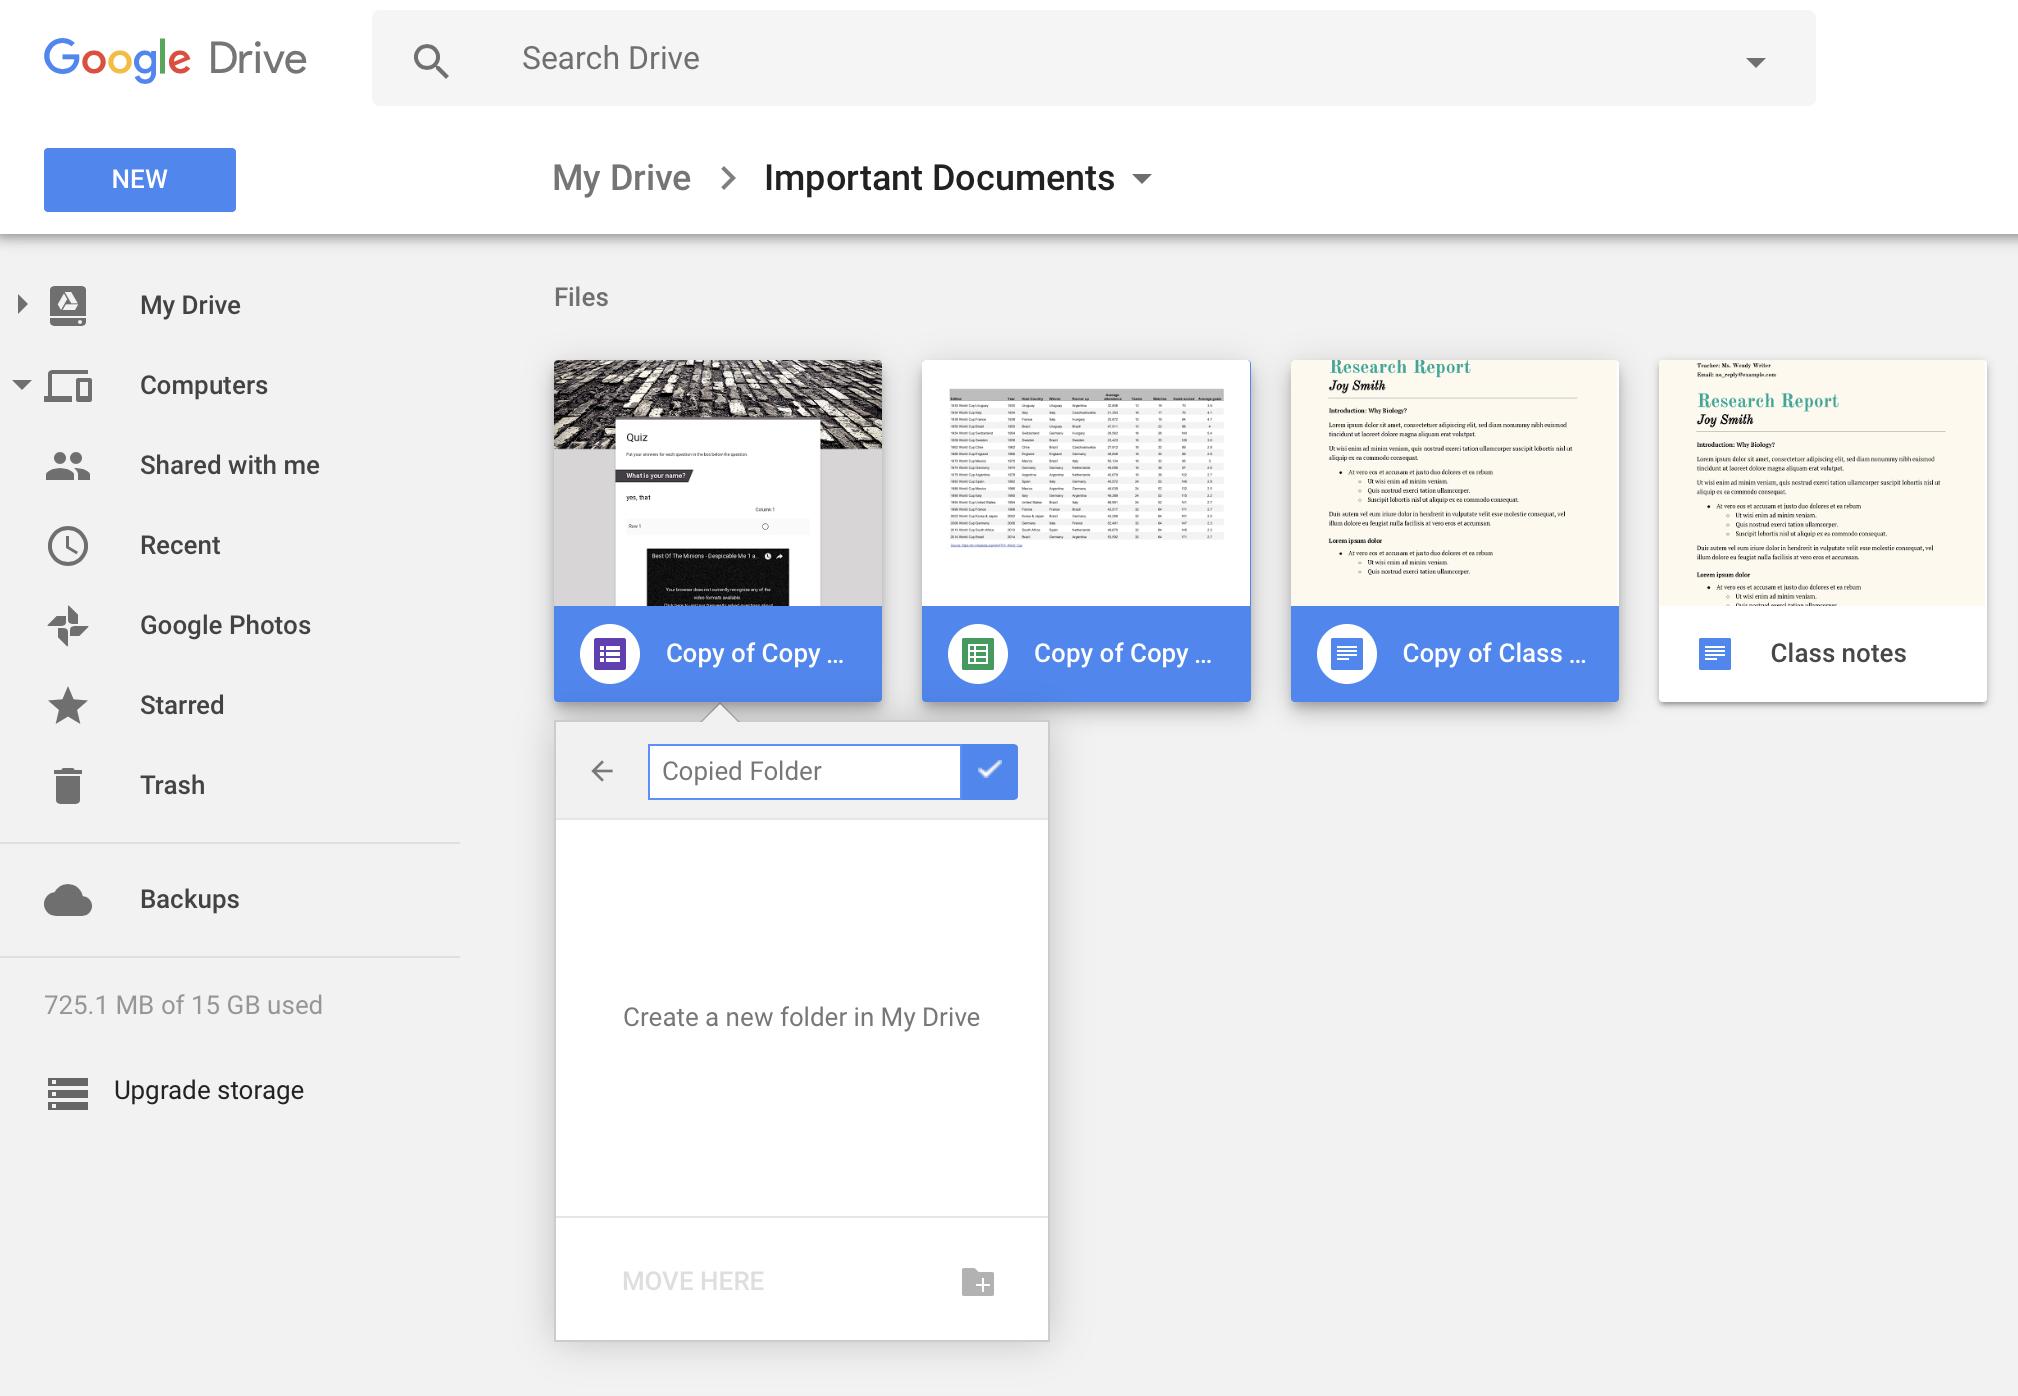 Move copied files in Google Drive